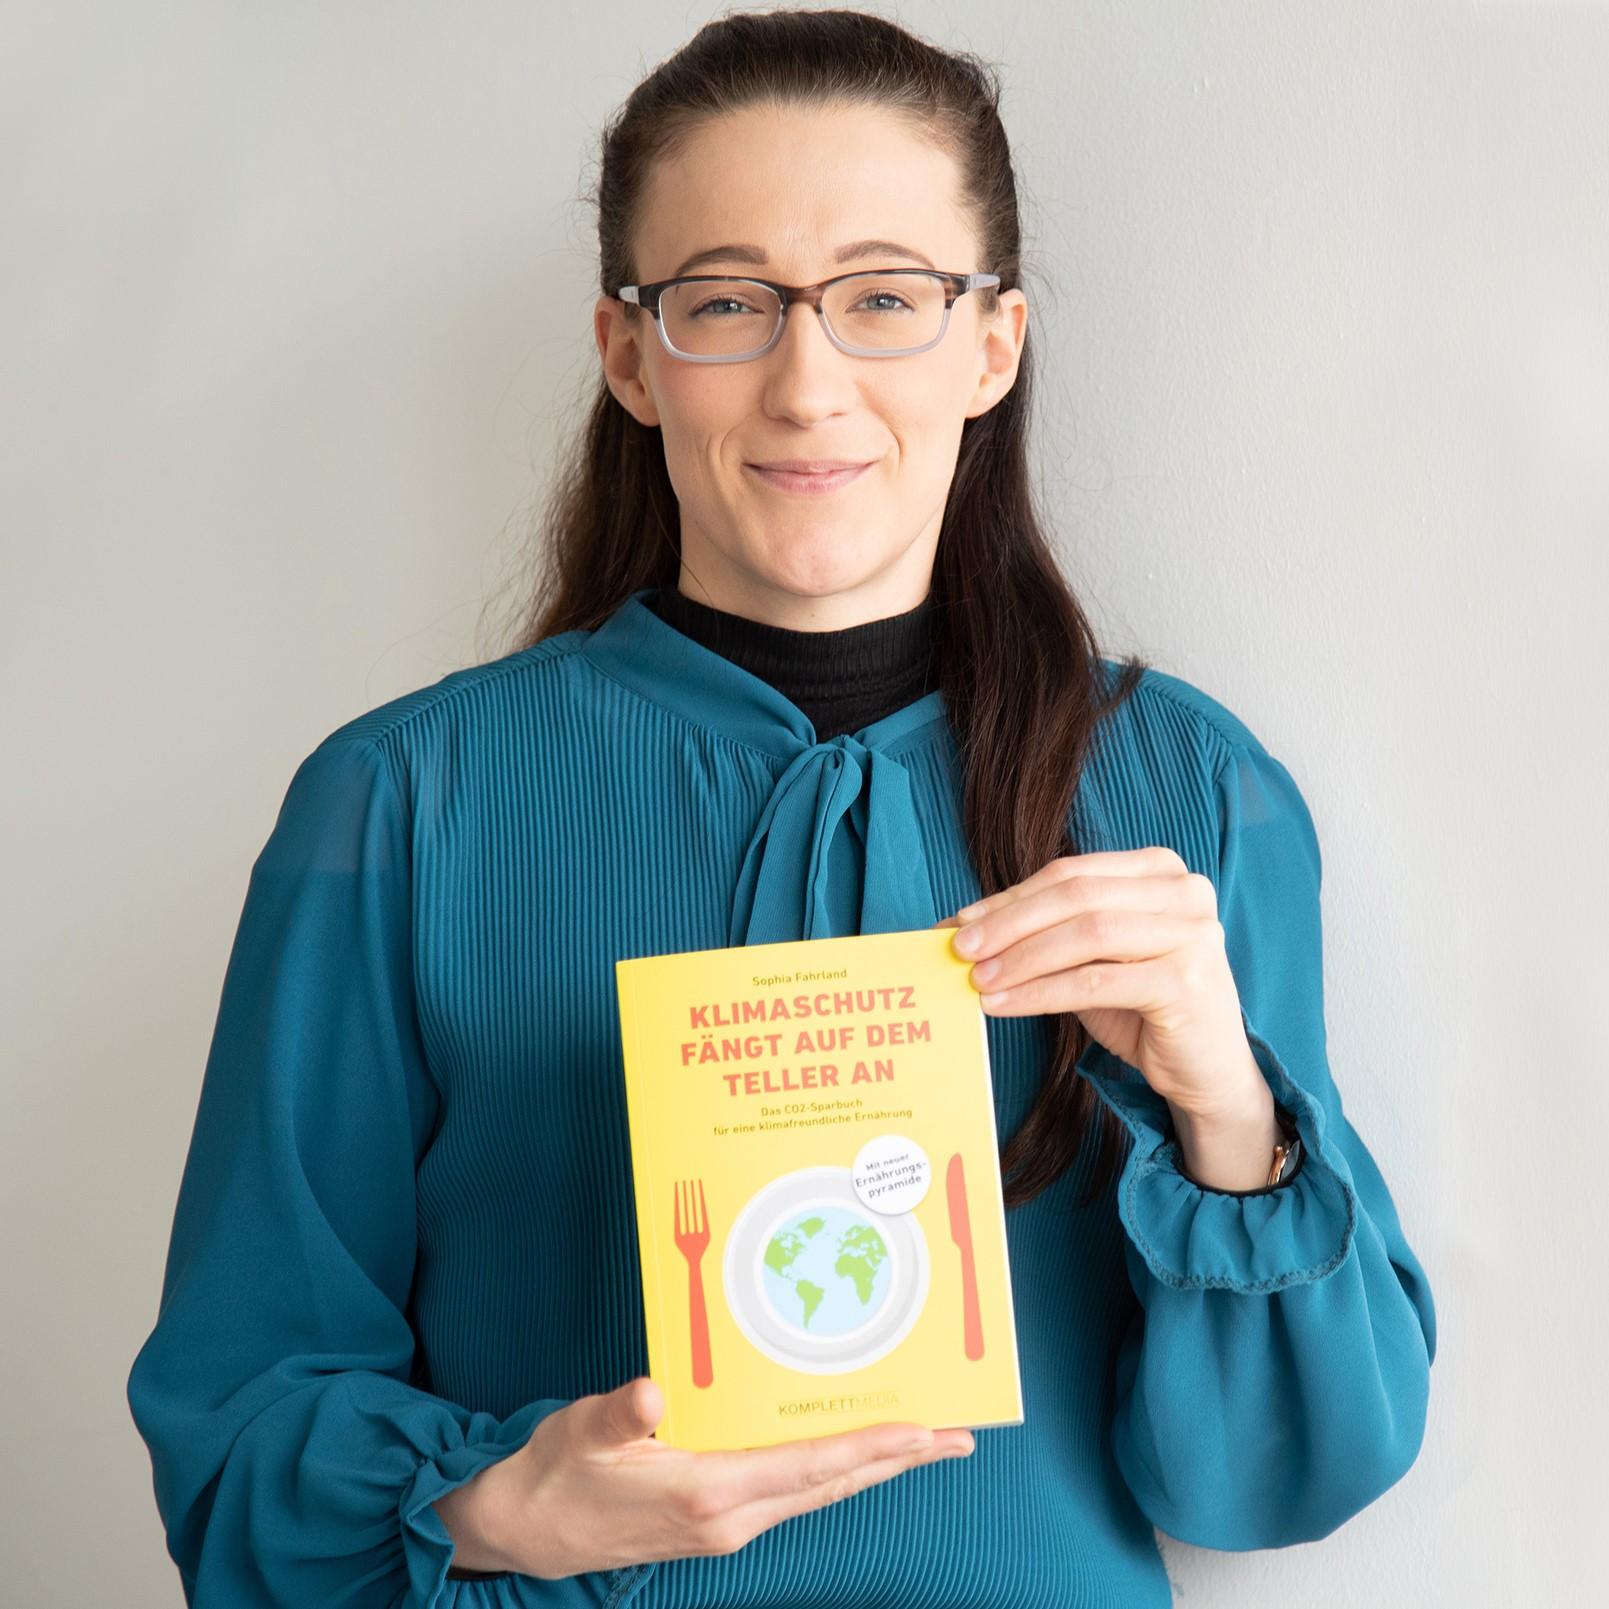 """Sophia Fahrland ist Grafikdesignerin, Klimaaktivistin und nun auch Buchautorin. Ihre Widmung: """"Für alle Fridays. Und für Mutter Erde."""""""